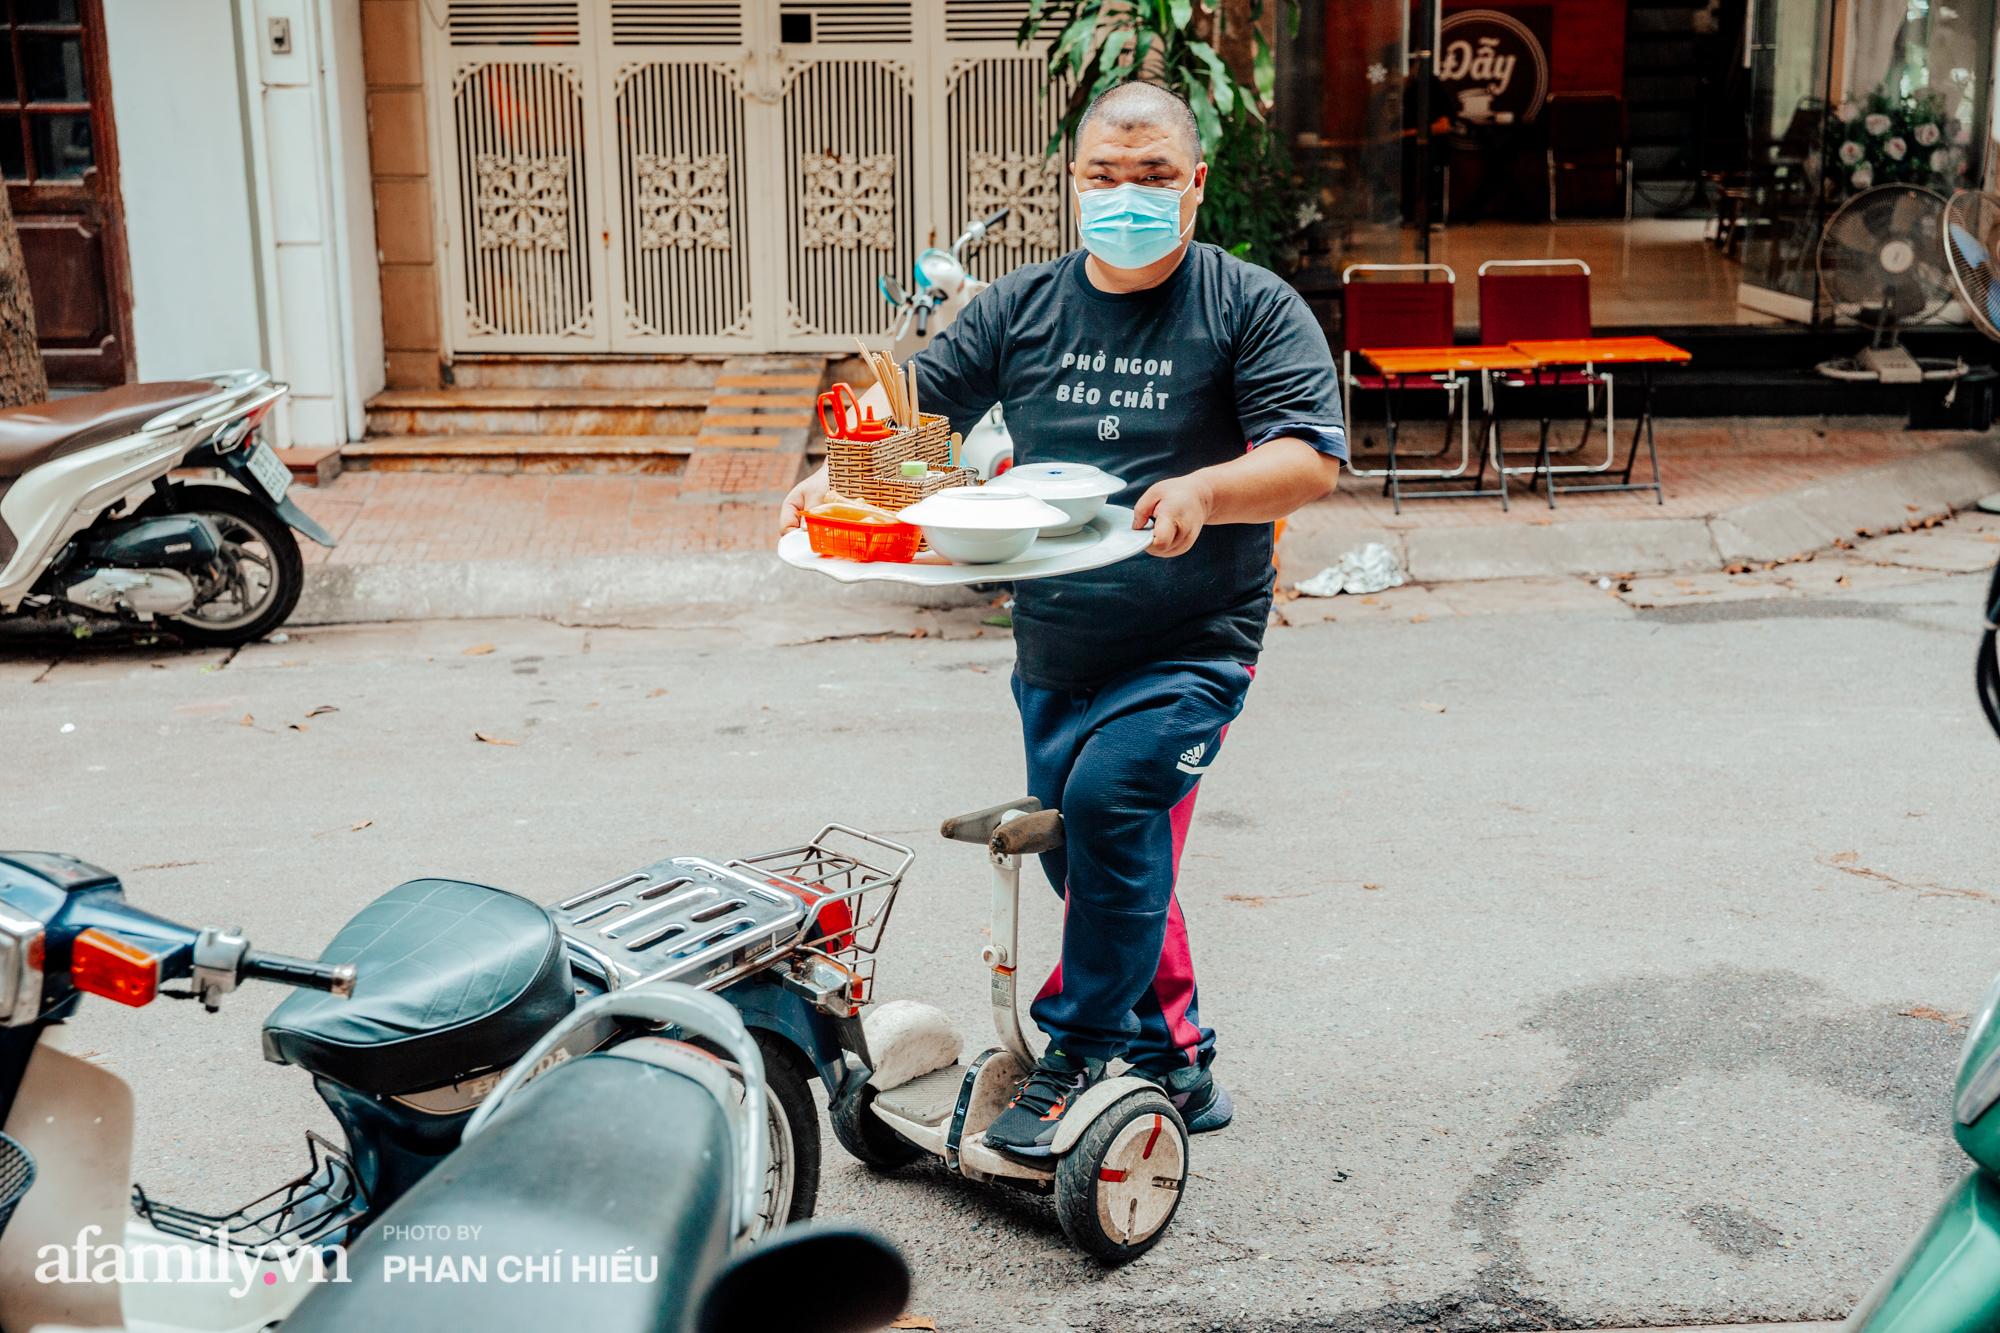 """Quán phở """"diễn xiếc"""" lạ nhất Hà Nội: Đồ ăn nóng hôi hổi được ship bằng xe cân bằng, ông chủ lấy thiện cảm bằng phong cách phục vụ như người nhà - Ảnh 3."""